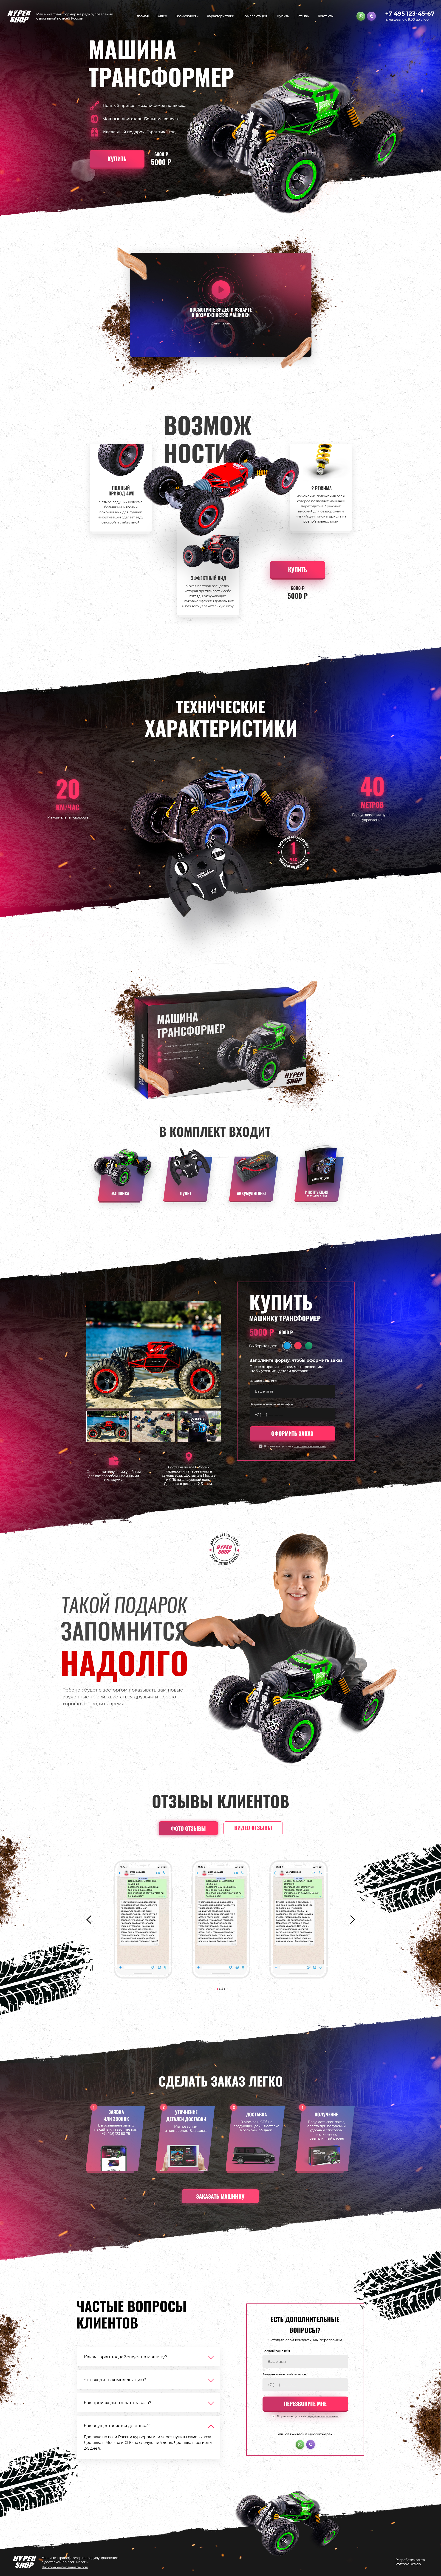 Дизайн лендинга для компании по продаже Hyper-shop 1